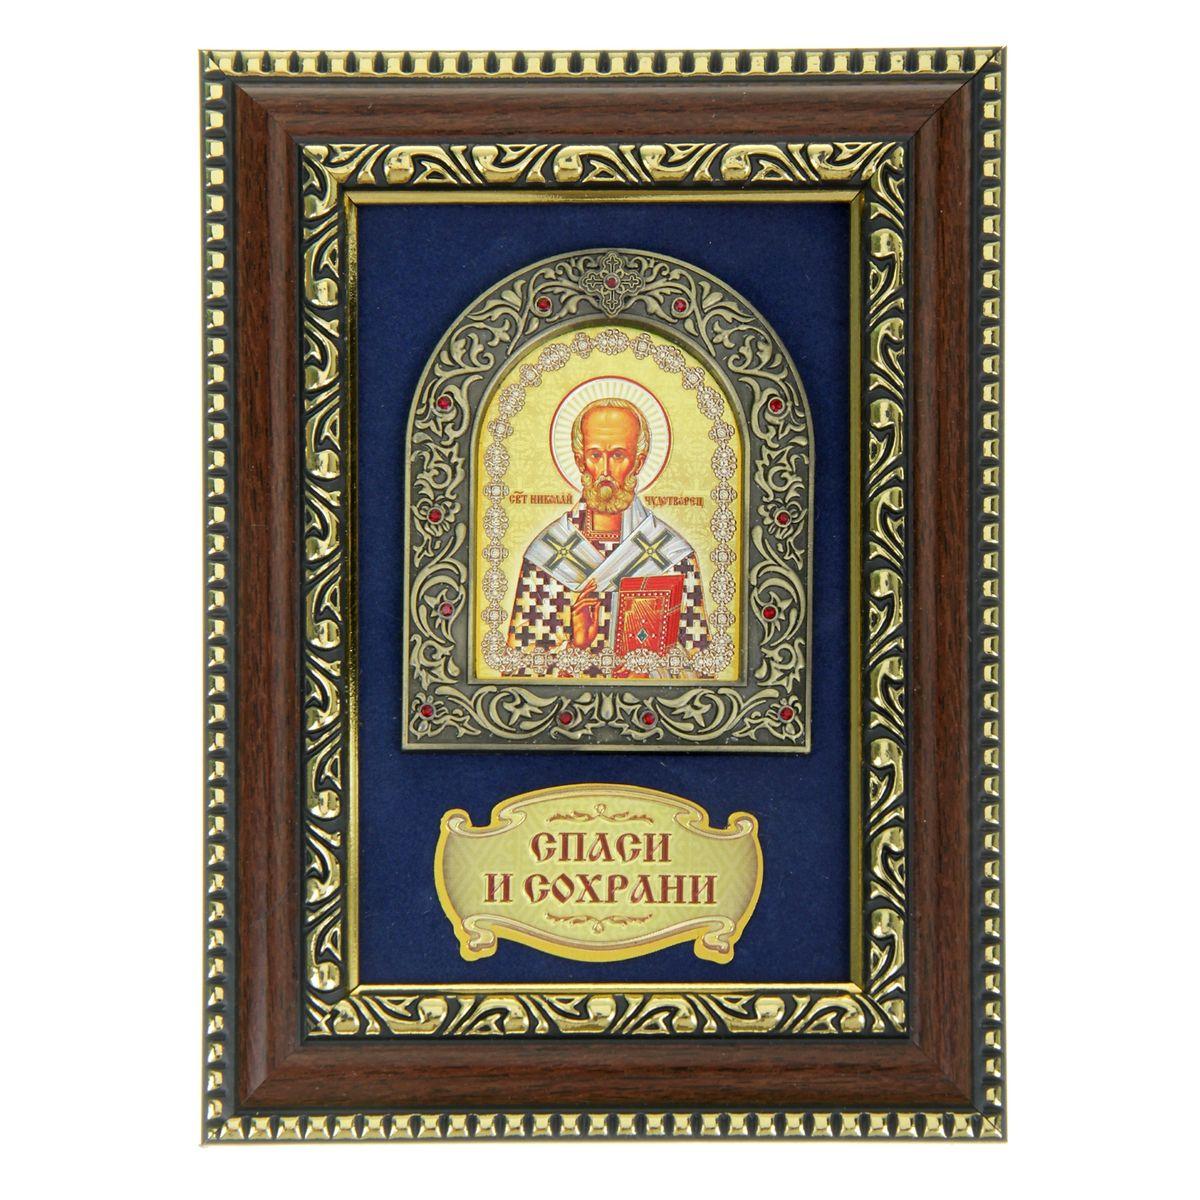 Панно-икона Николай Чудотворец, 14,5 см х 19,5 см871075Панно-икона Николай Чудотворец представляет собой небольшую икону, размещенную на картонной подложке синего цвета. Ниже расположена табличка с надписью Спаси и сохрани. Икона обрамлена в металлическую рамку, украшенную изысканным рельефом и инкрустированную мелкими красными стразами. Рамка для панно с золотистым узорным рельефом выполнена из дерева. Панно можно подвесить на стену или поставить на стол, для чего с задней стороны предусмотрена специальная ножка. Любое помещение выглядит незавершенным без правильно расположенных предметов интерьера. Они помогают создать уют, расставить акценты, подчеркнуть достоинства или скрыть недостатки. Не бывает незначительных деталей. Из мелочей складывается образ человека и стиль интерьера. Панно-икона Николай Чудотворец - одна из тех деталей, которые придают дому обжитой вид и создают ощущение уюта.